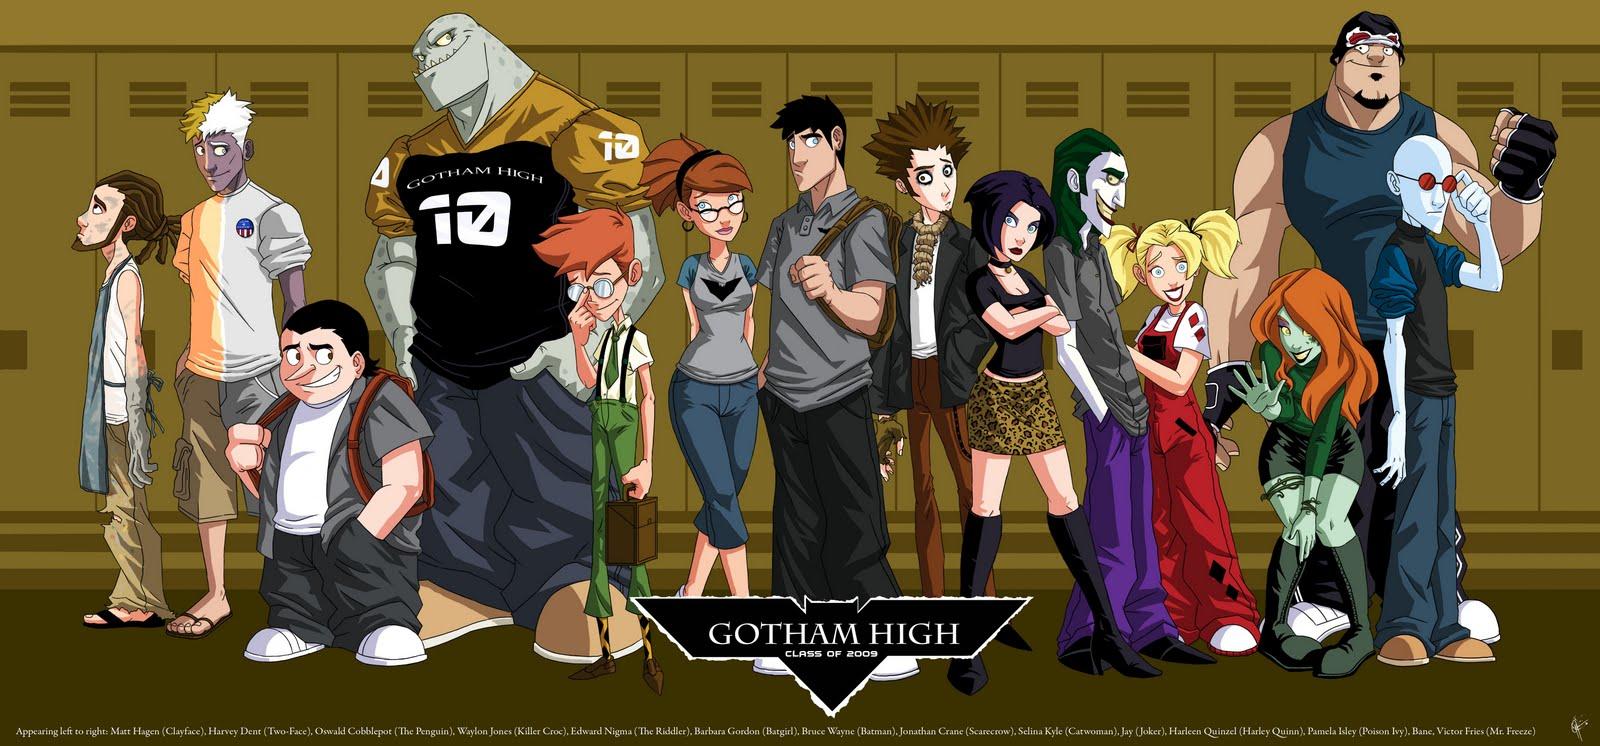 »Gotham High« von Jeffrey Thomas & Celeste Green. — Klick auf das Bild führ zu einer größeren Ansicht.